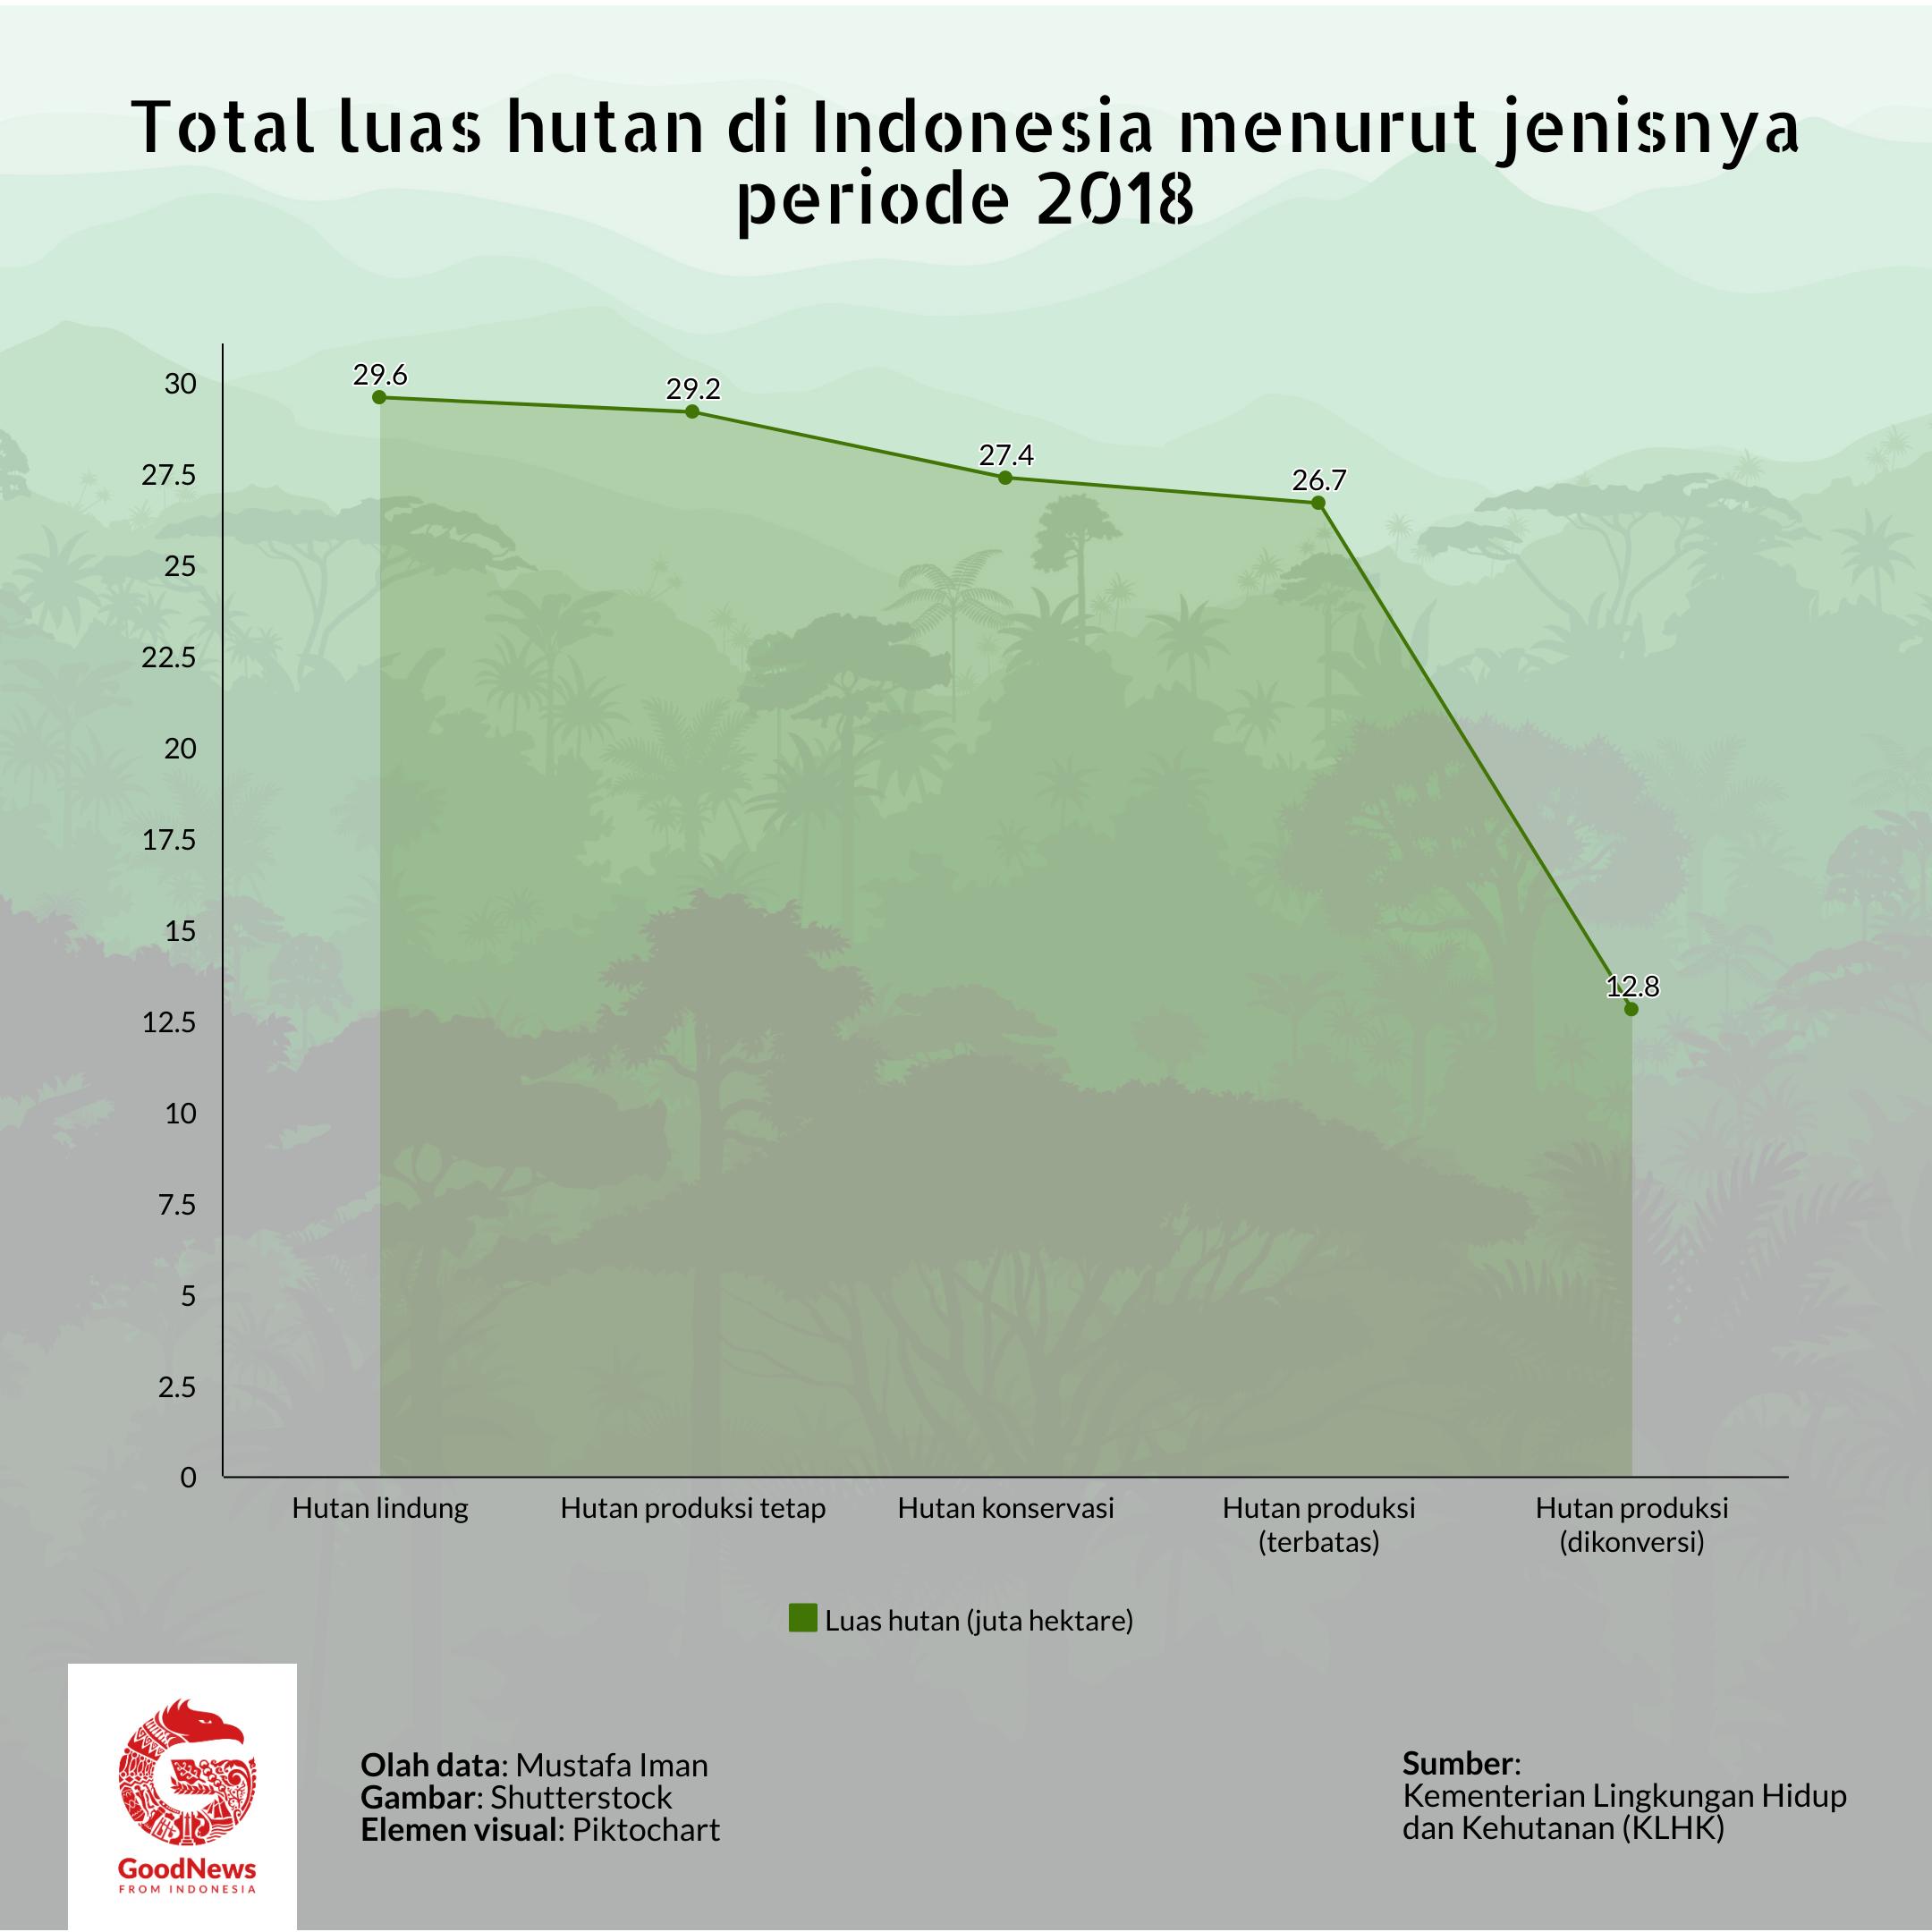 Jumlah luas hutan di Indonesia 2018